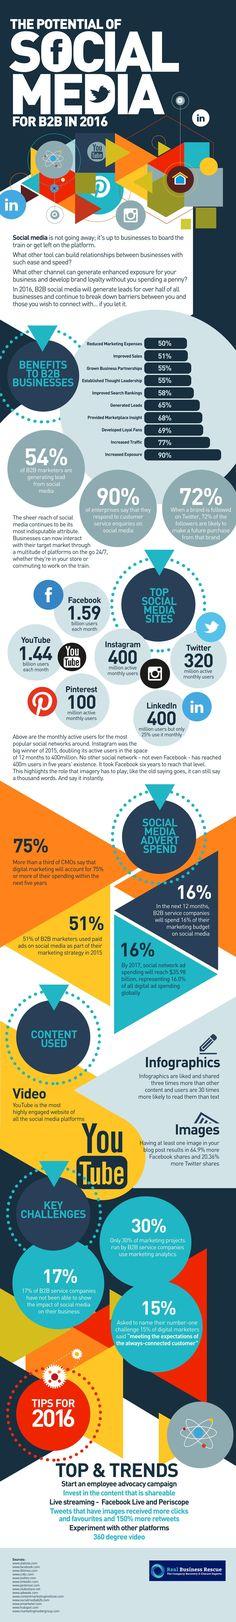 171 best Du réseau, du social, du réseau social images on - digital marketing plan